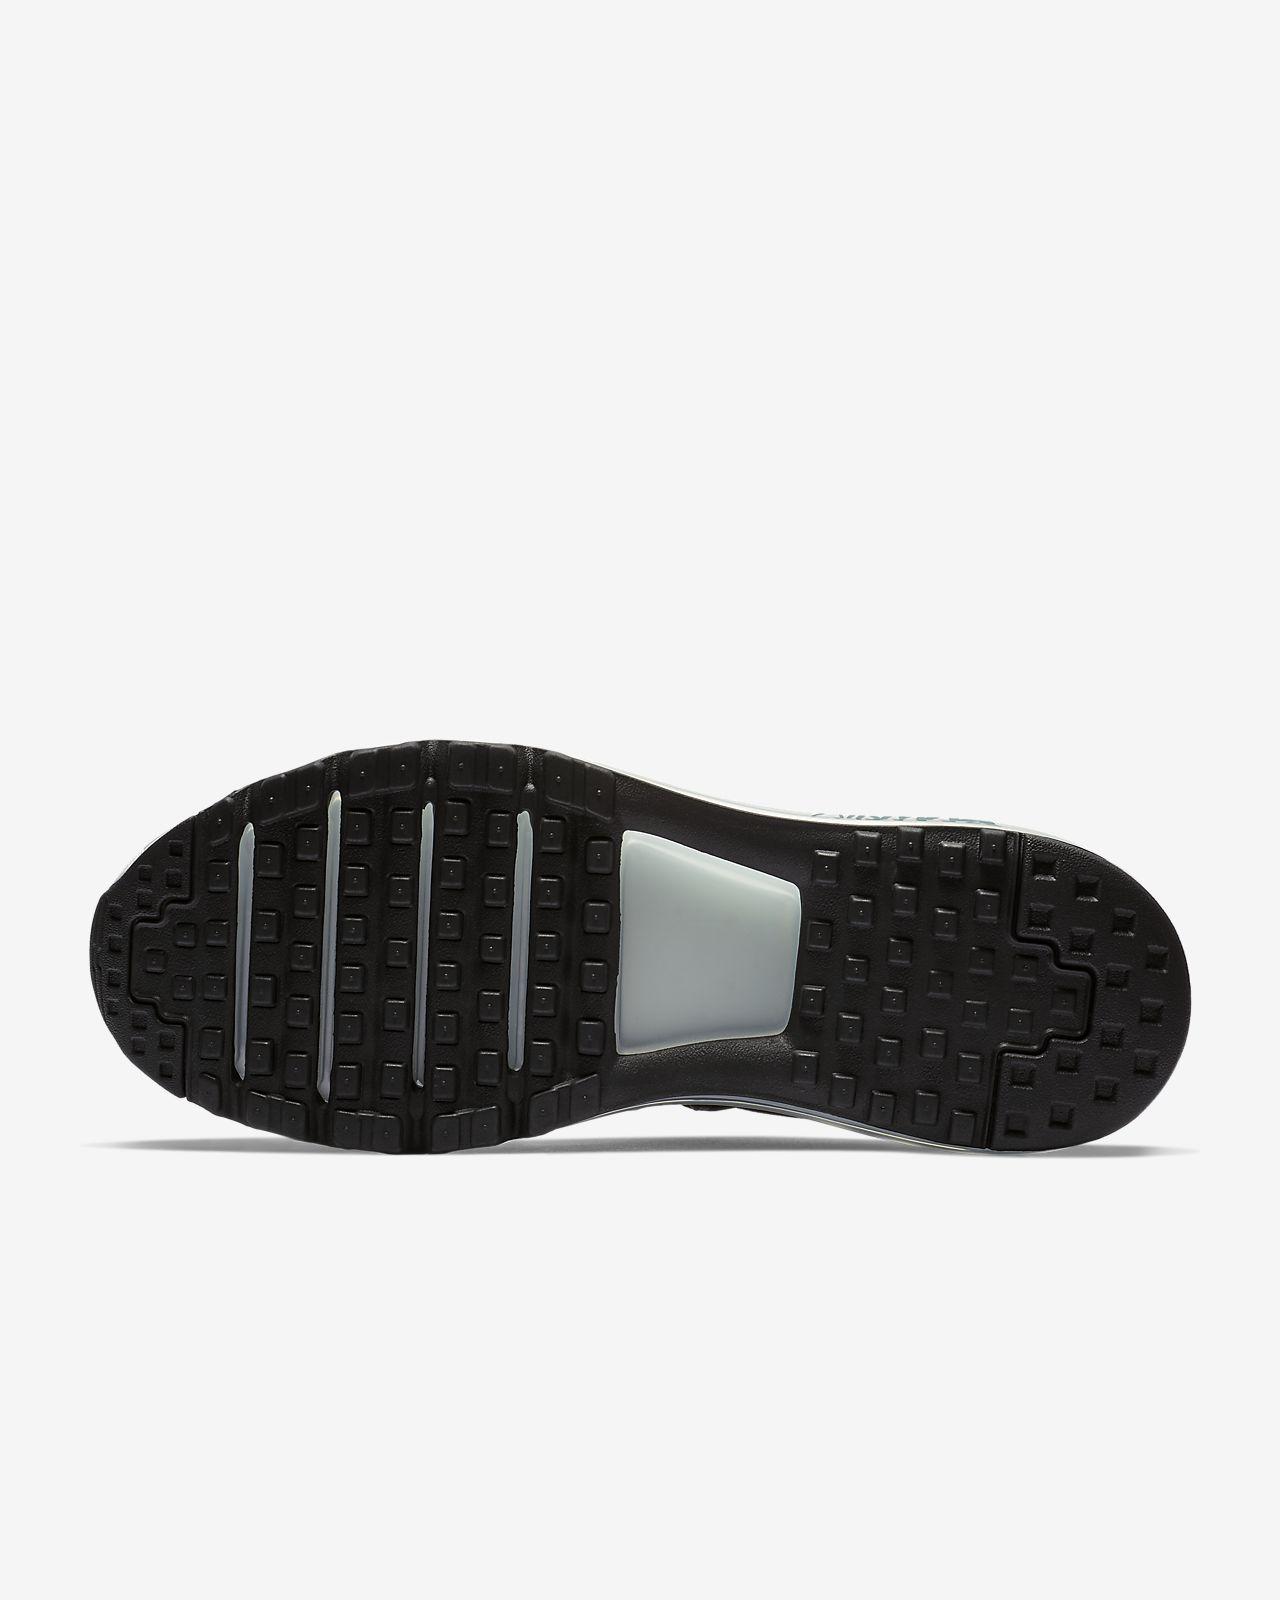 buy popular fac50 d40b7 ... Nike Air Max 2015 Men s Shoe